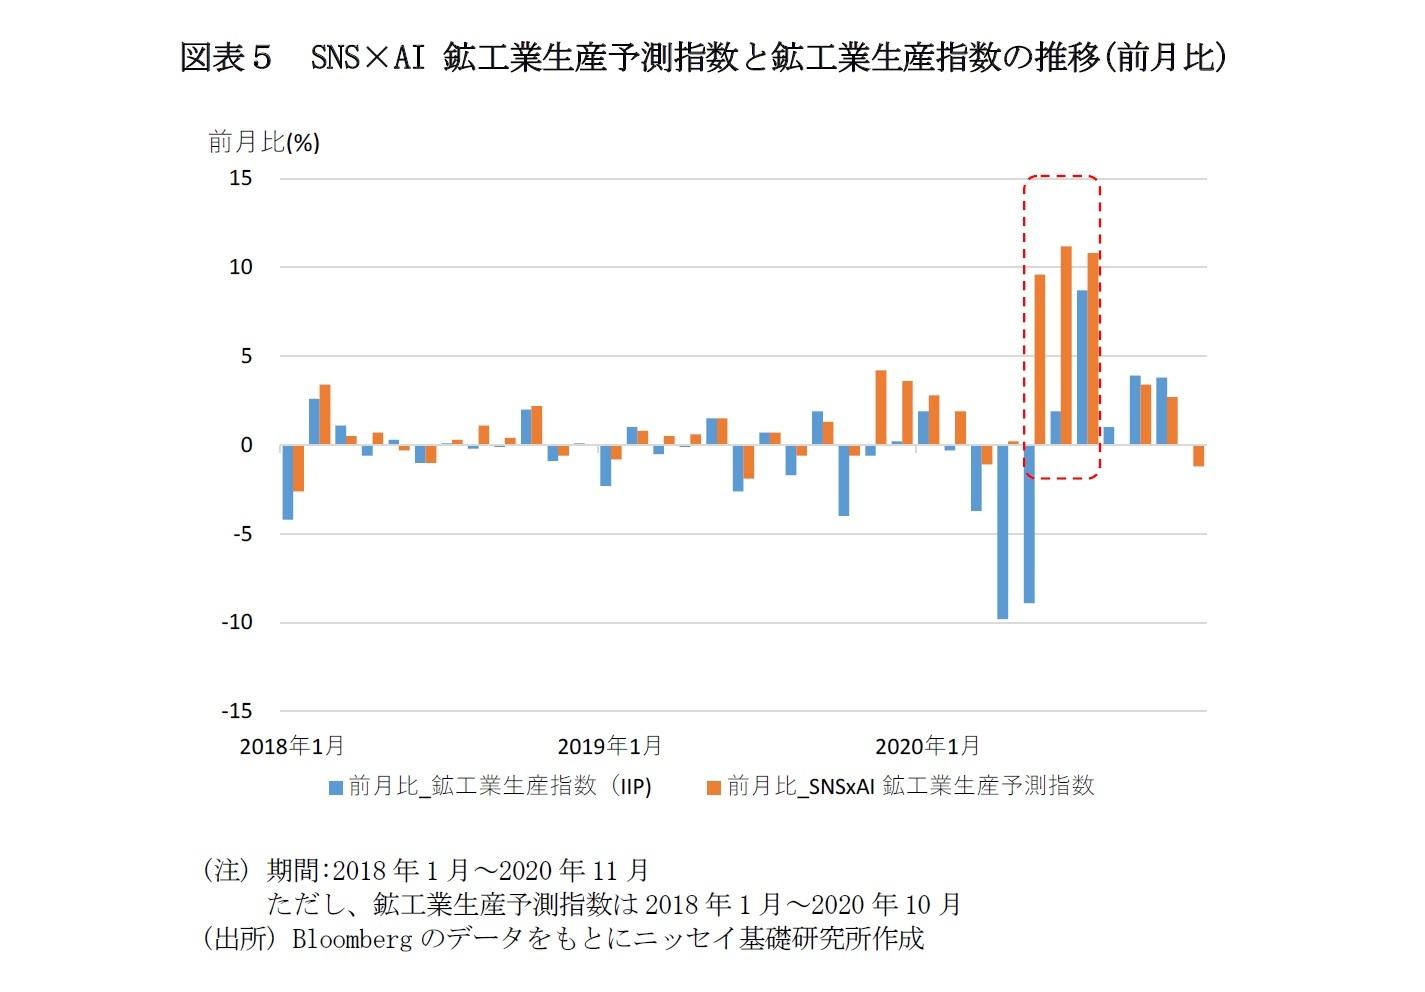 図表5 SNS×AI 鉱工業生産予測指数と鉱工業生産指数の推移(前月比)